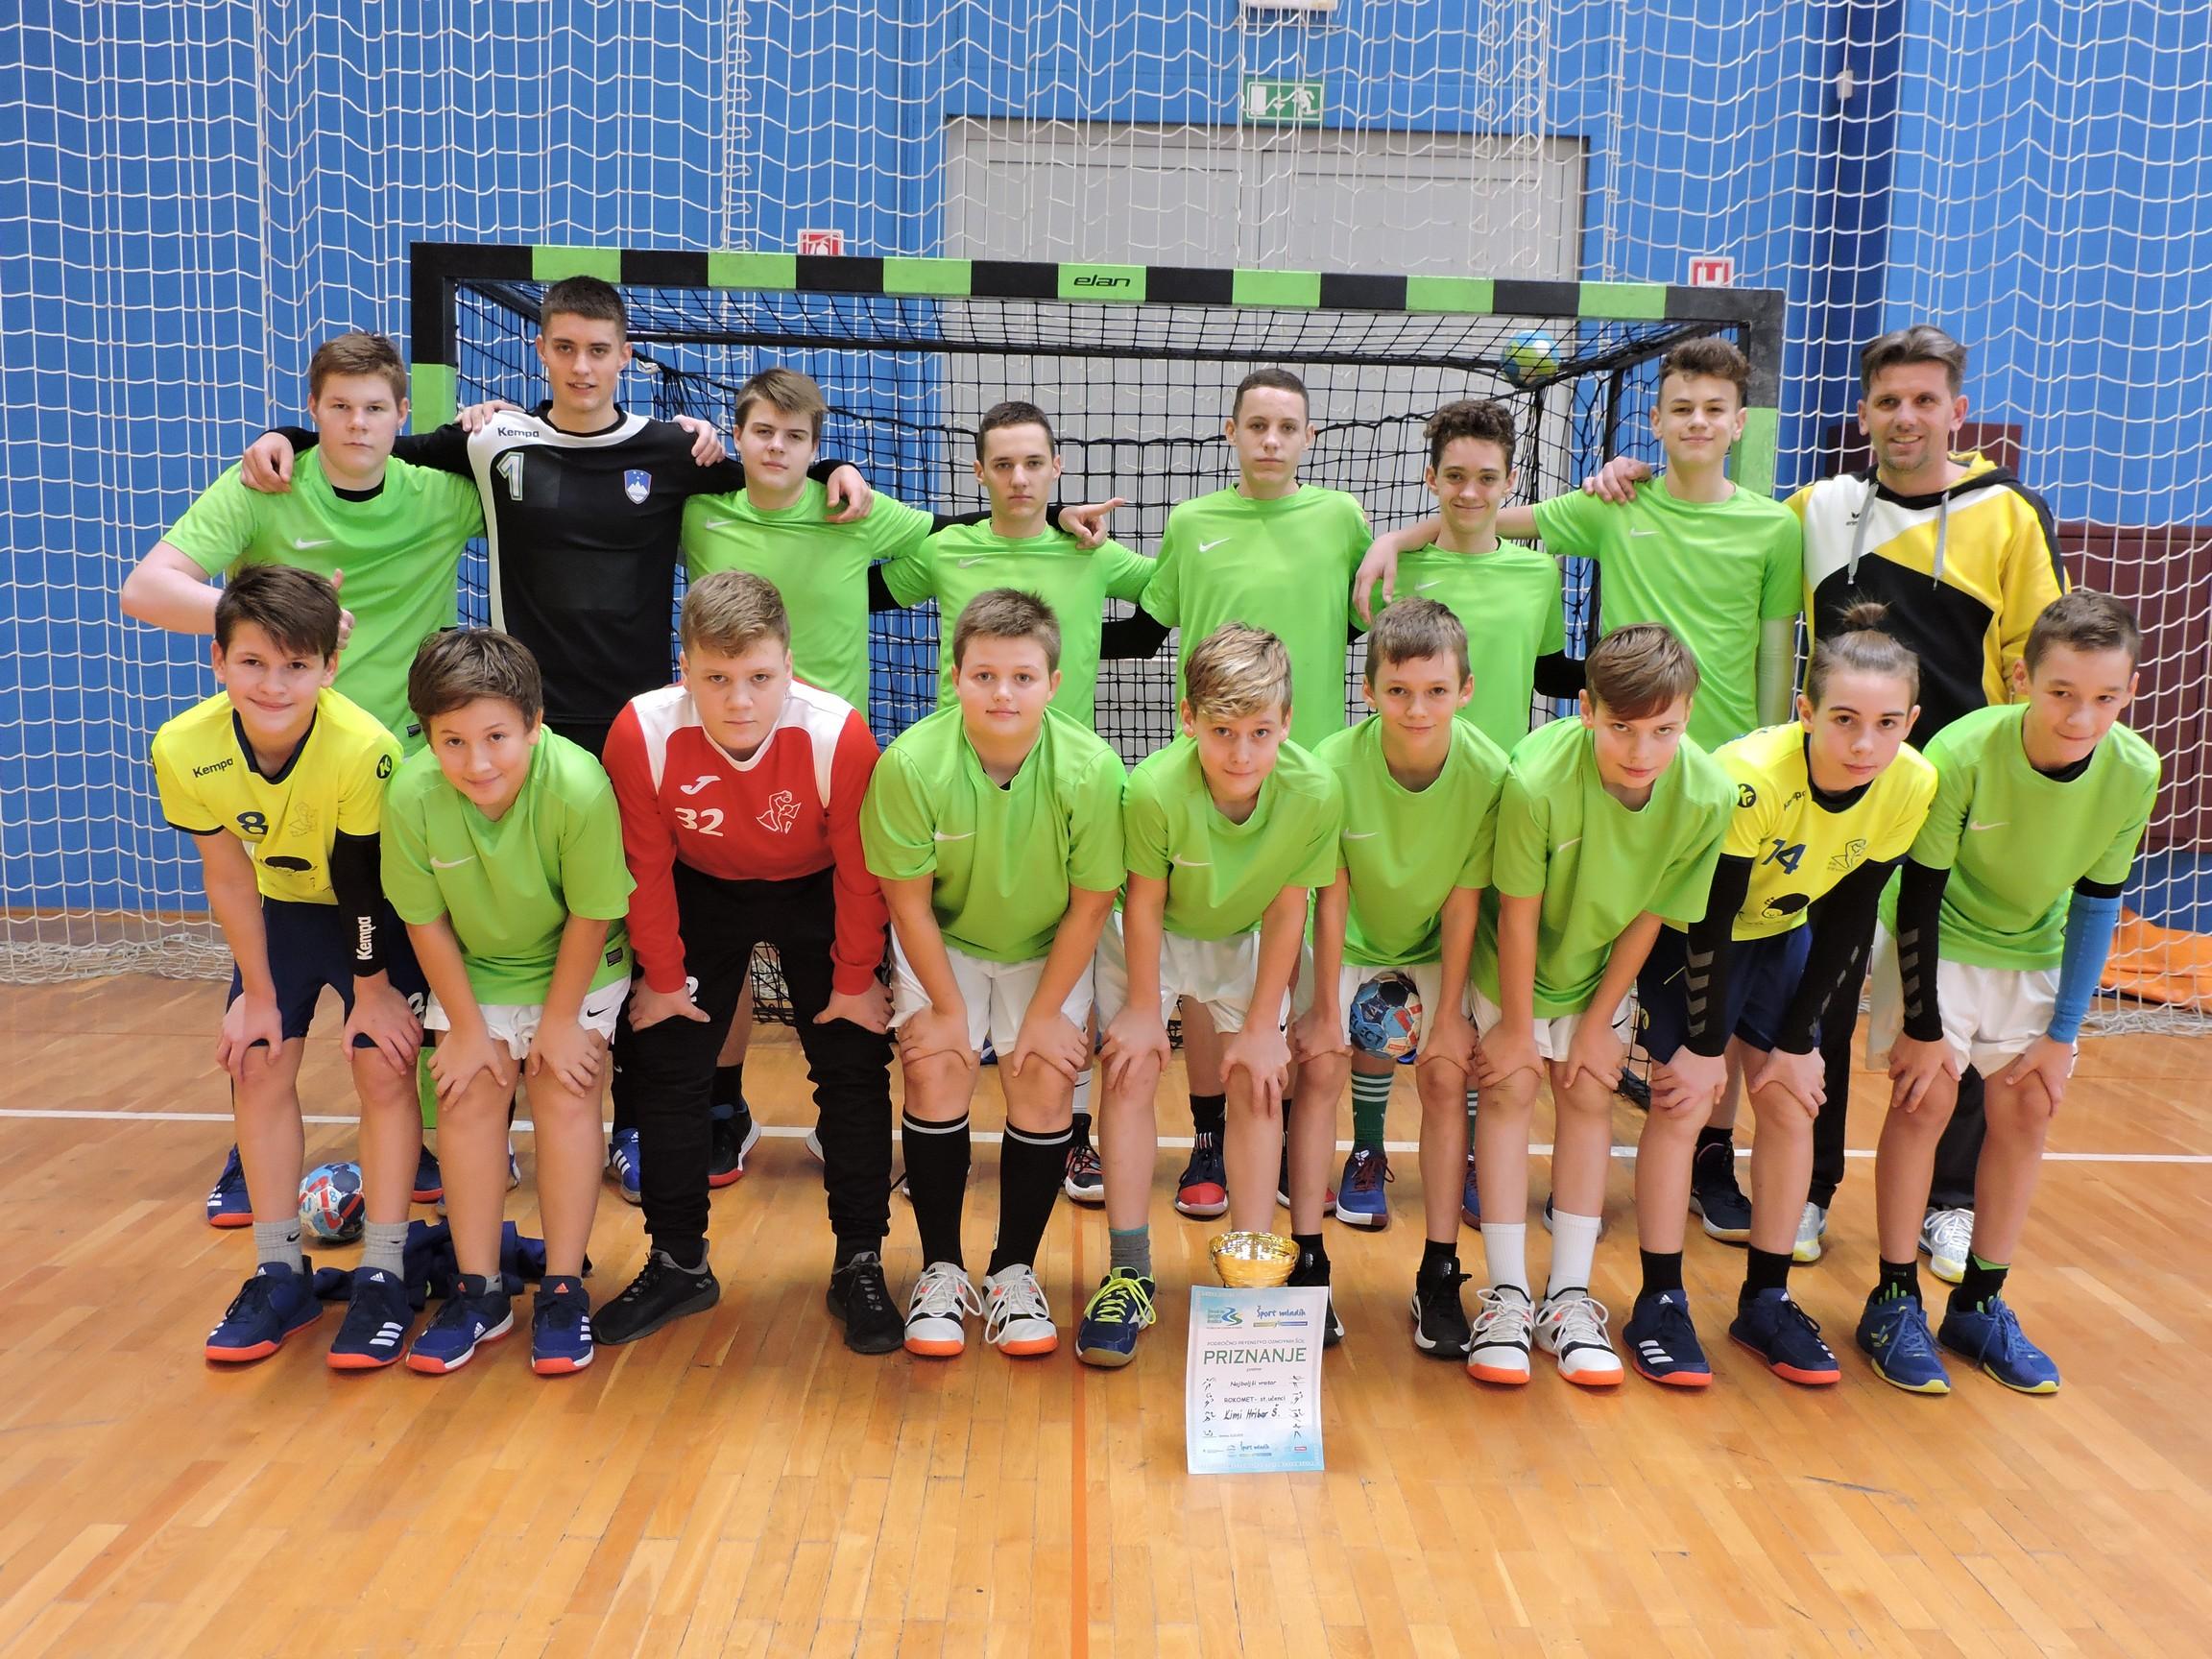 Učenci OŠ Sevnica osvojili naslov področnih prvakov v rokometu